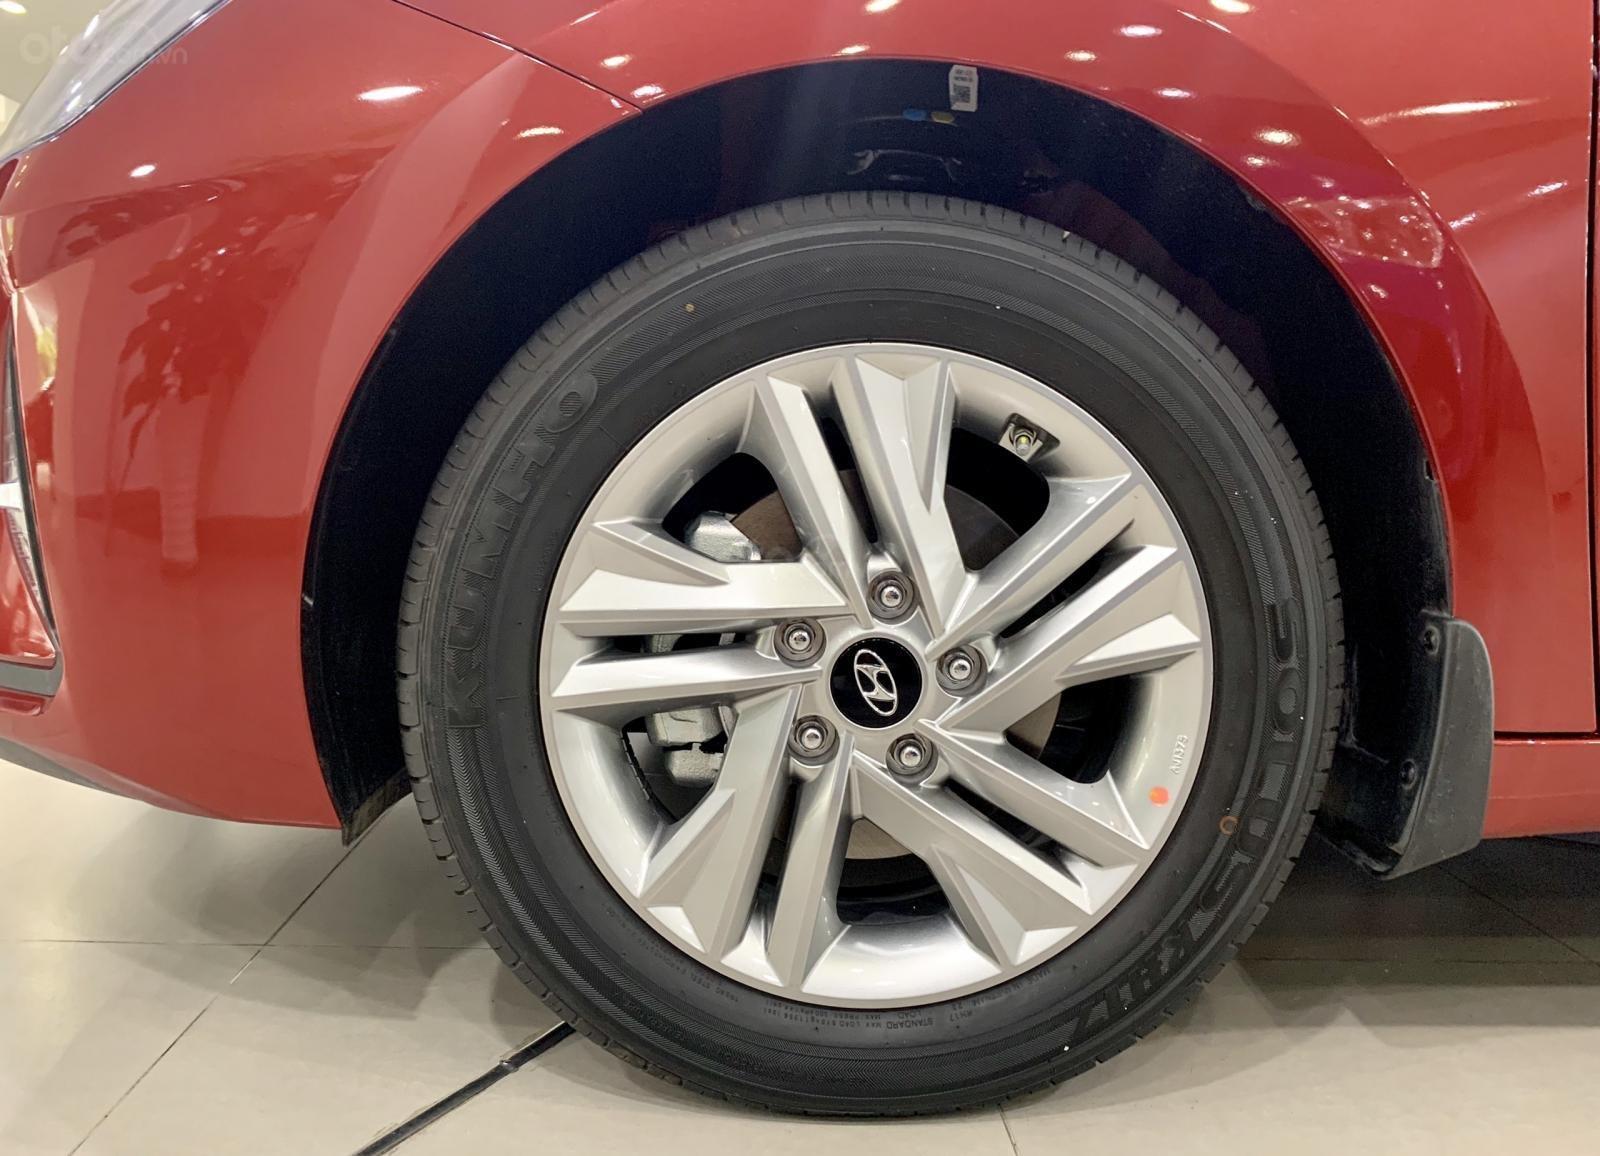 Hyundai Elantra xe sẵn giao ngay, giá giảm sâu, tặng thêm nhiều quà tặng giá trị. Lh: 0977 139 312 (5)